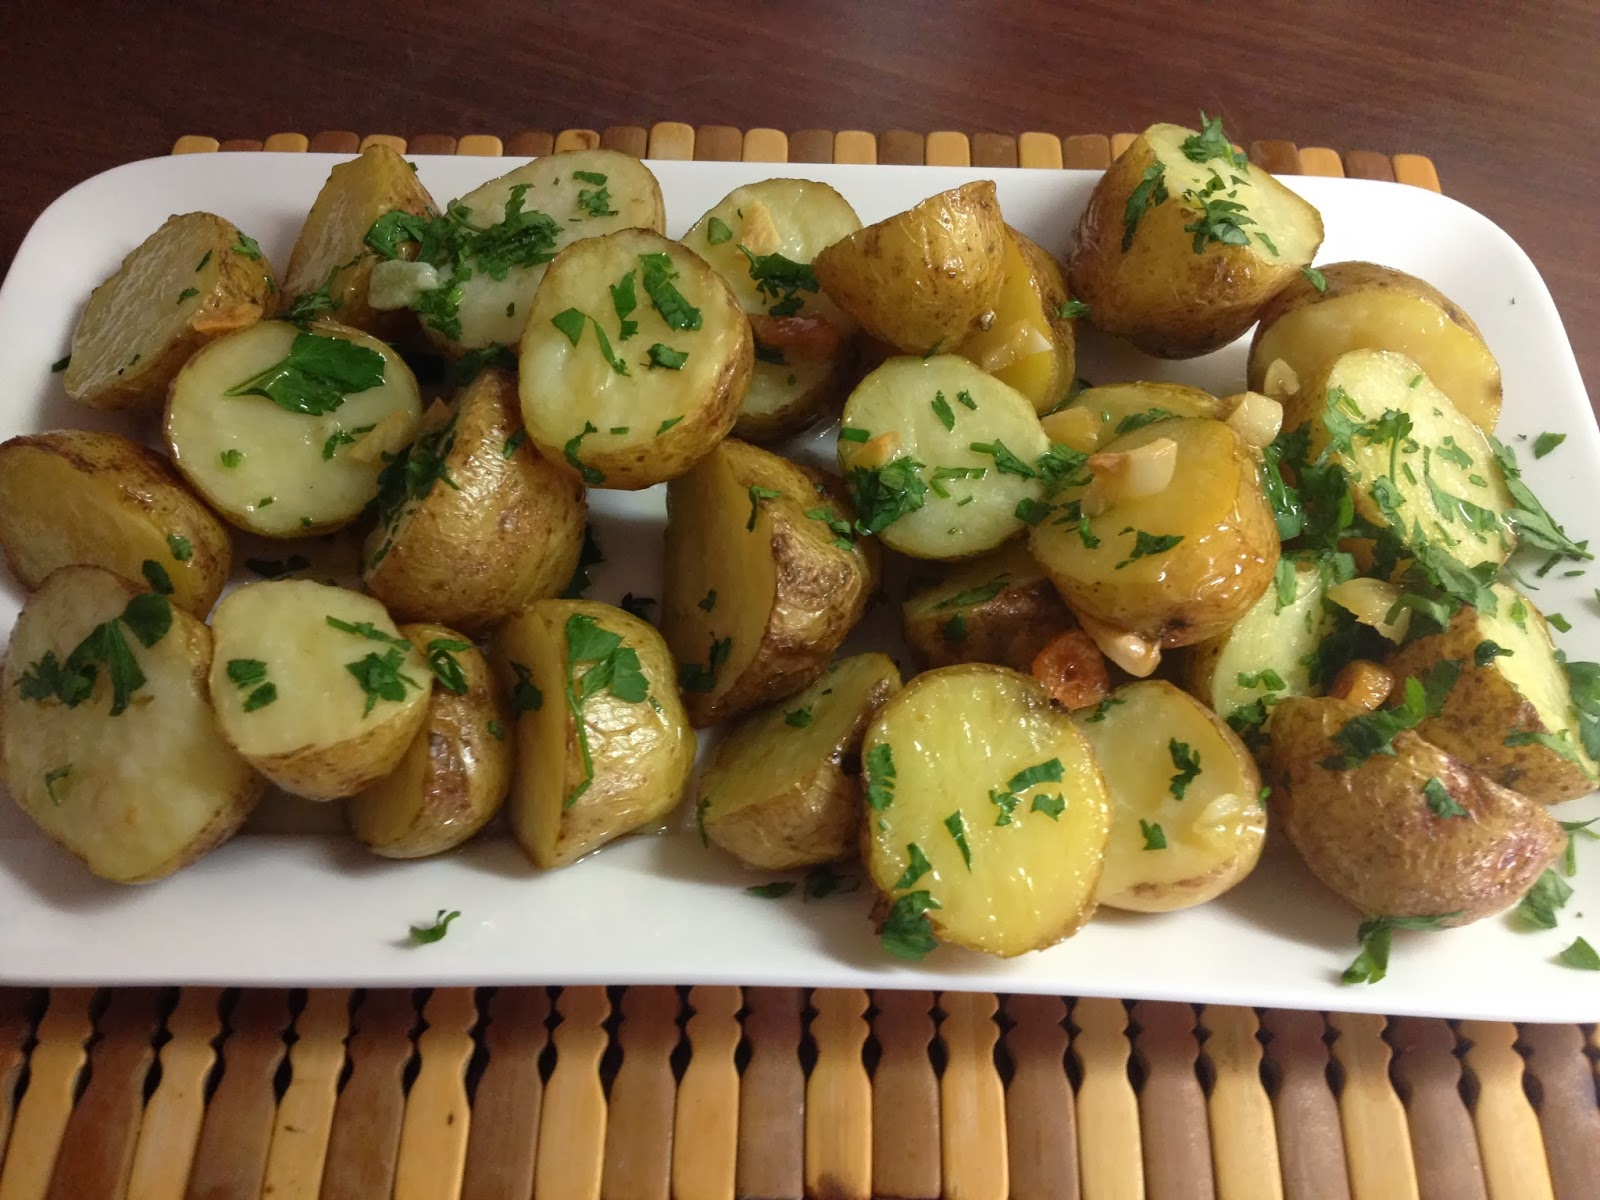 Guarnición de papas para platos de fiestas - ¡Huele Bien!